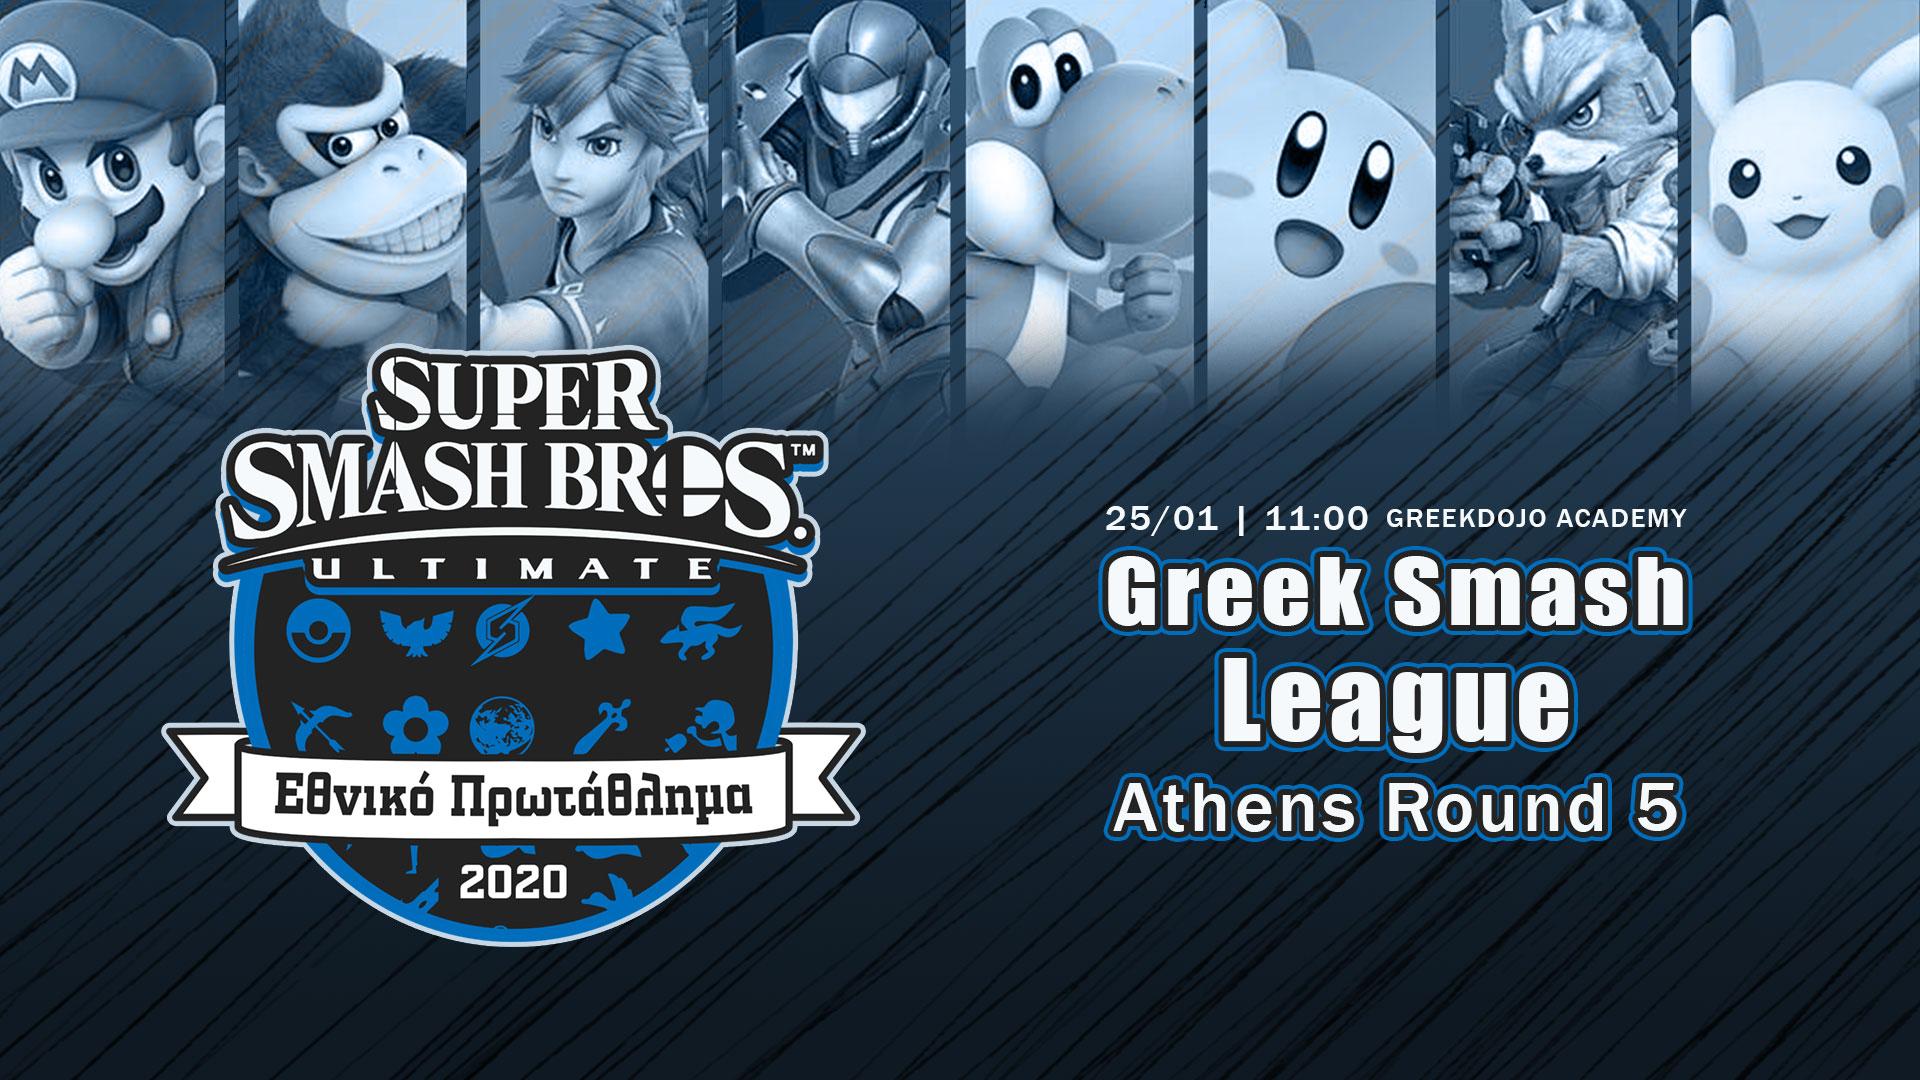 Greek Smash League 2020 Round 5 Athens